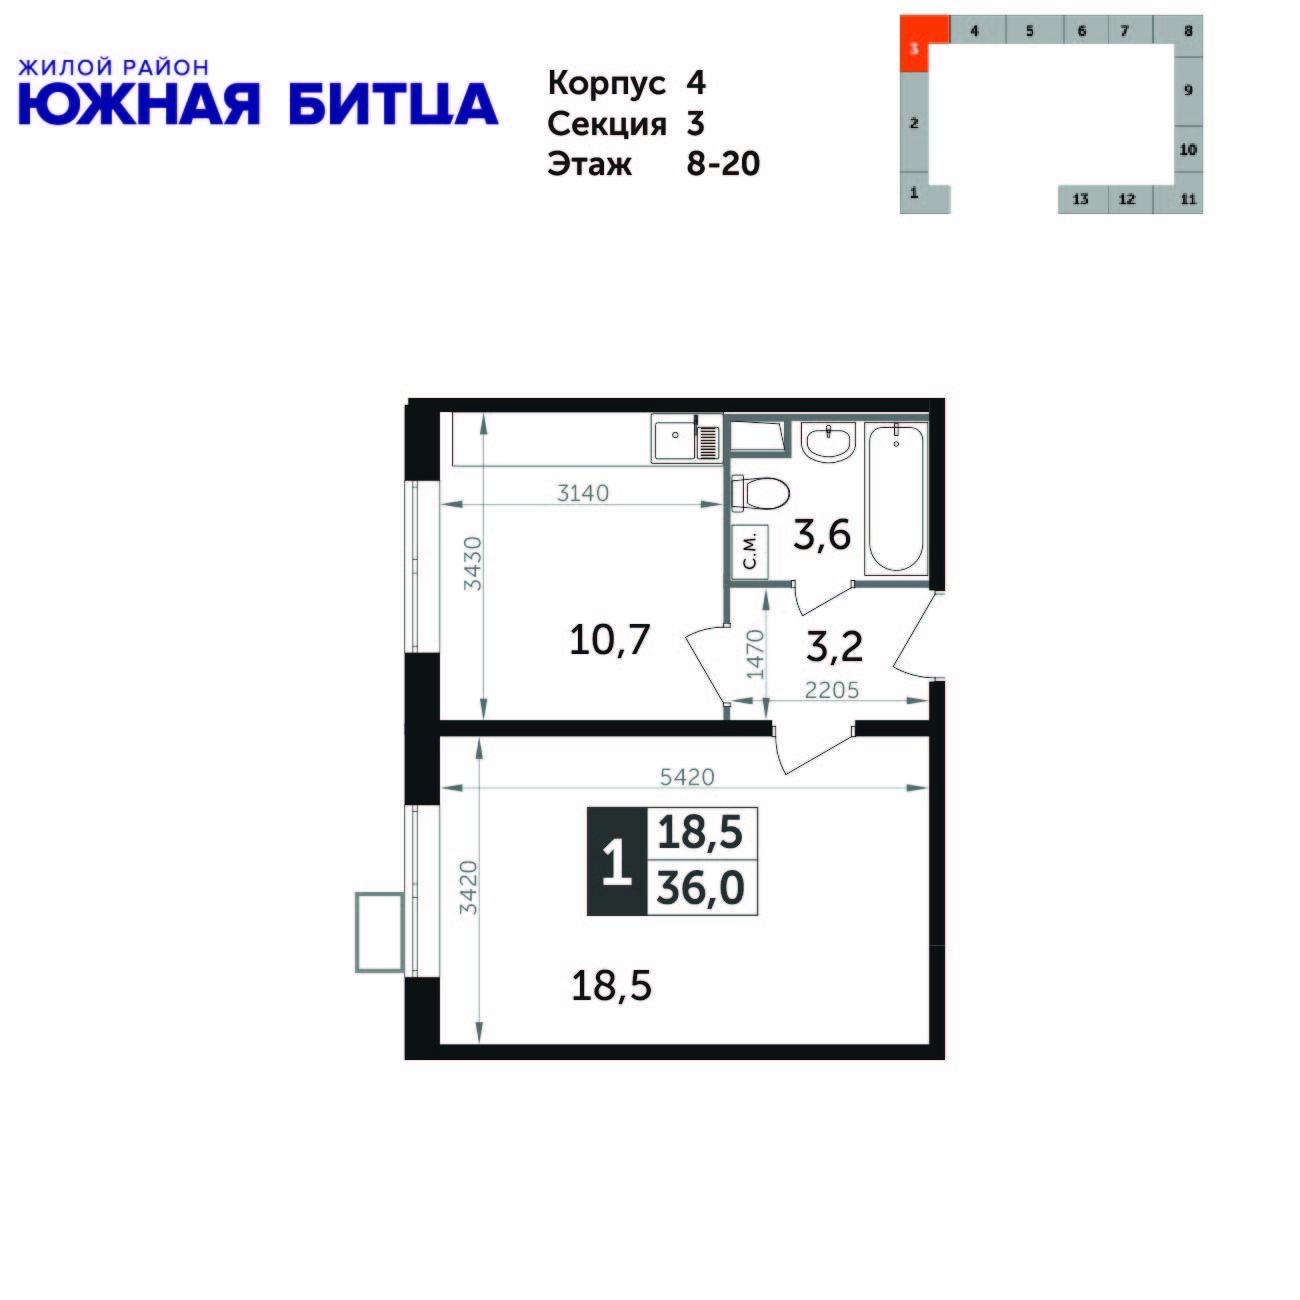 1-комнатная квартира, 36м² за 5,3 млн руб.